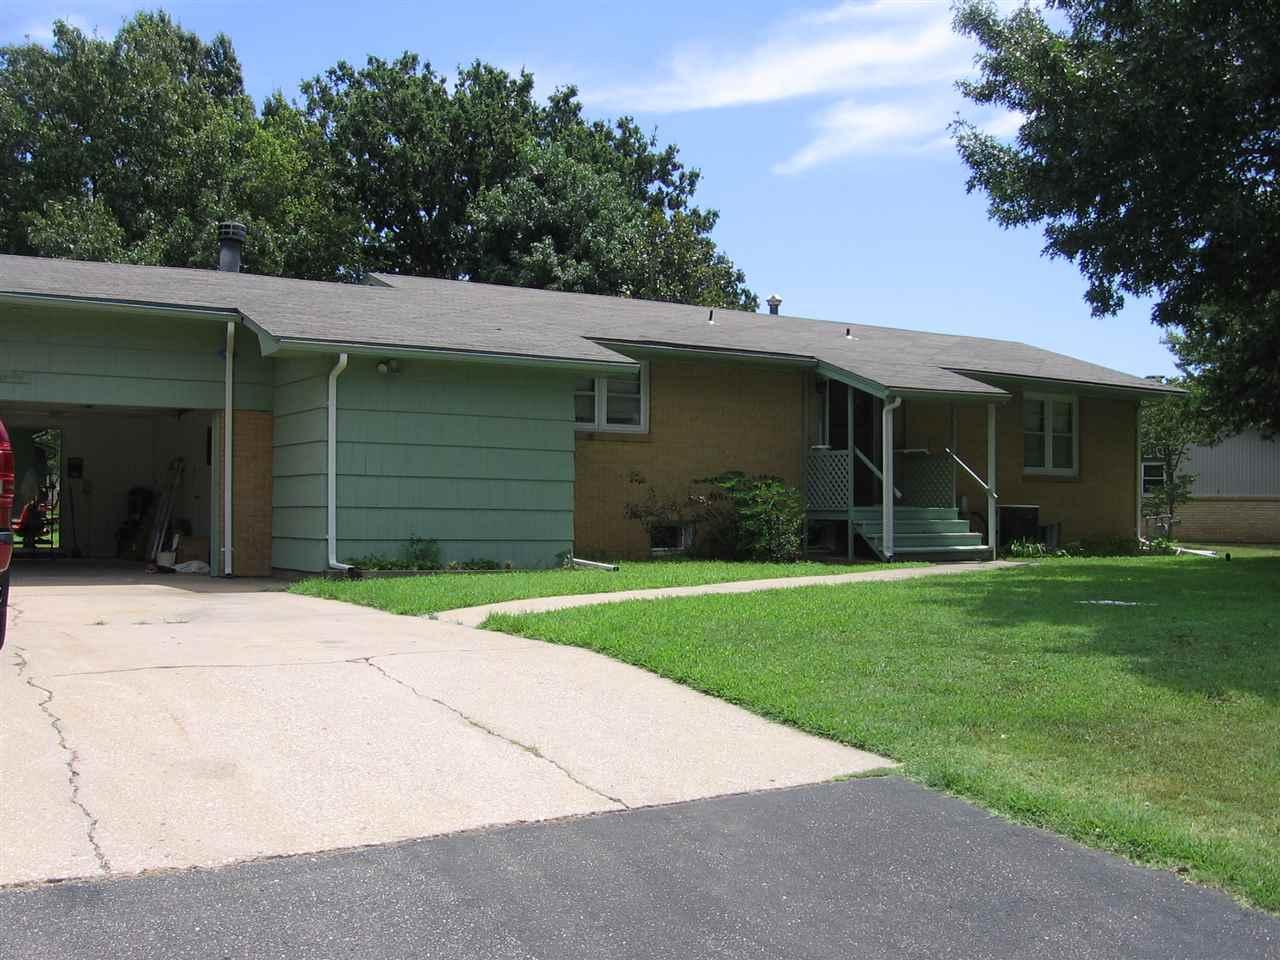 1228 S Seville Ave, Wichita, KS 67209